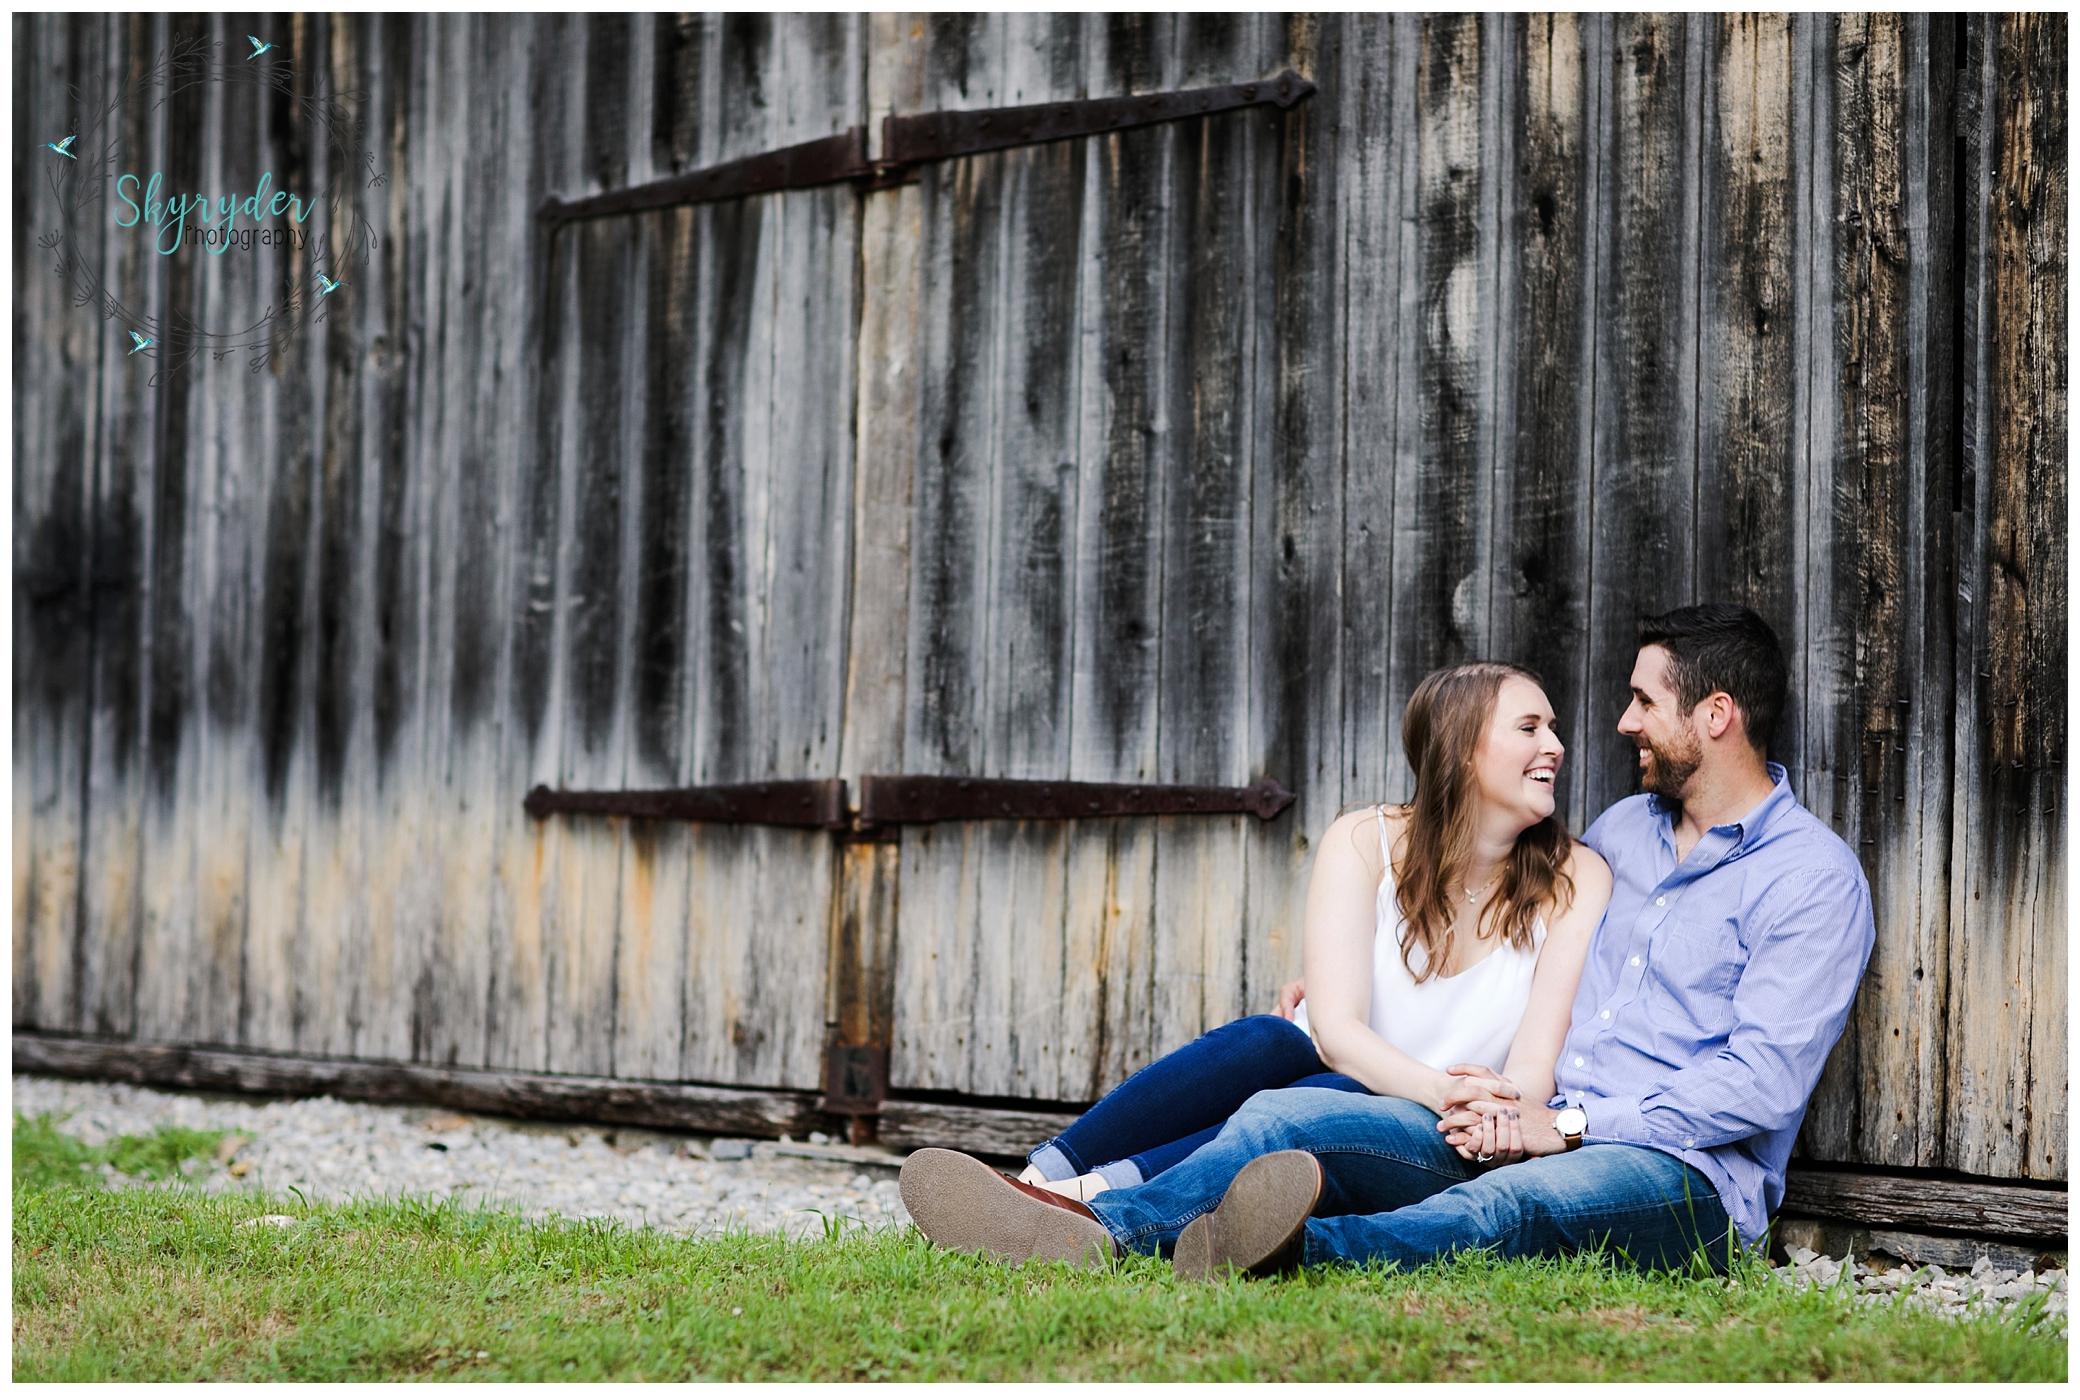 Ashley + Tate | Roanoke Engagement Photographer | Explore Park